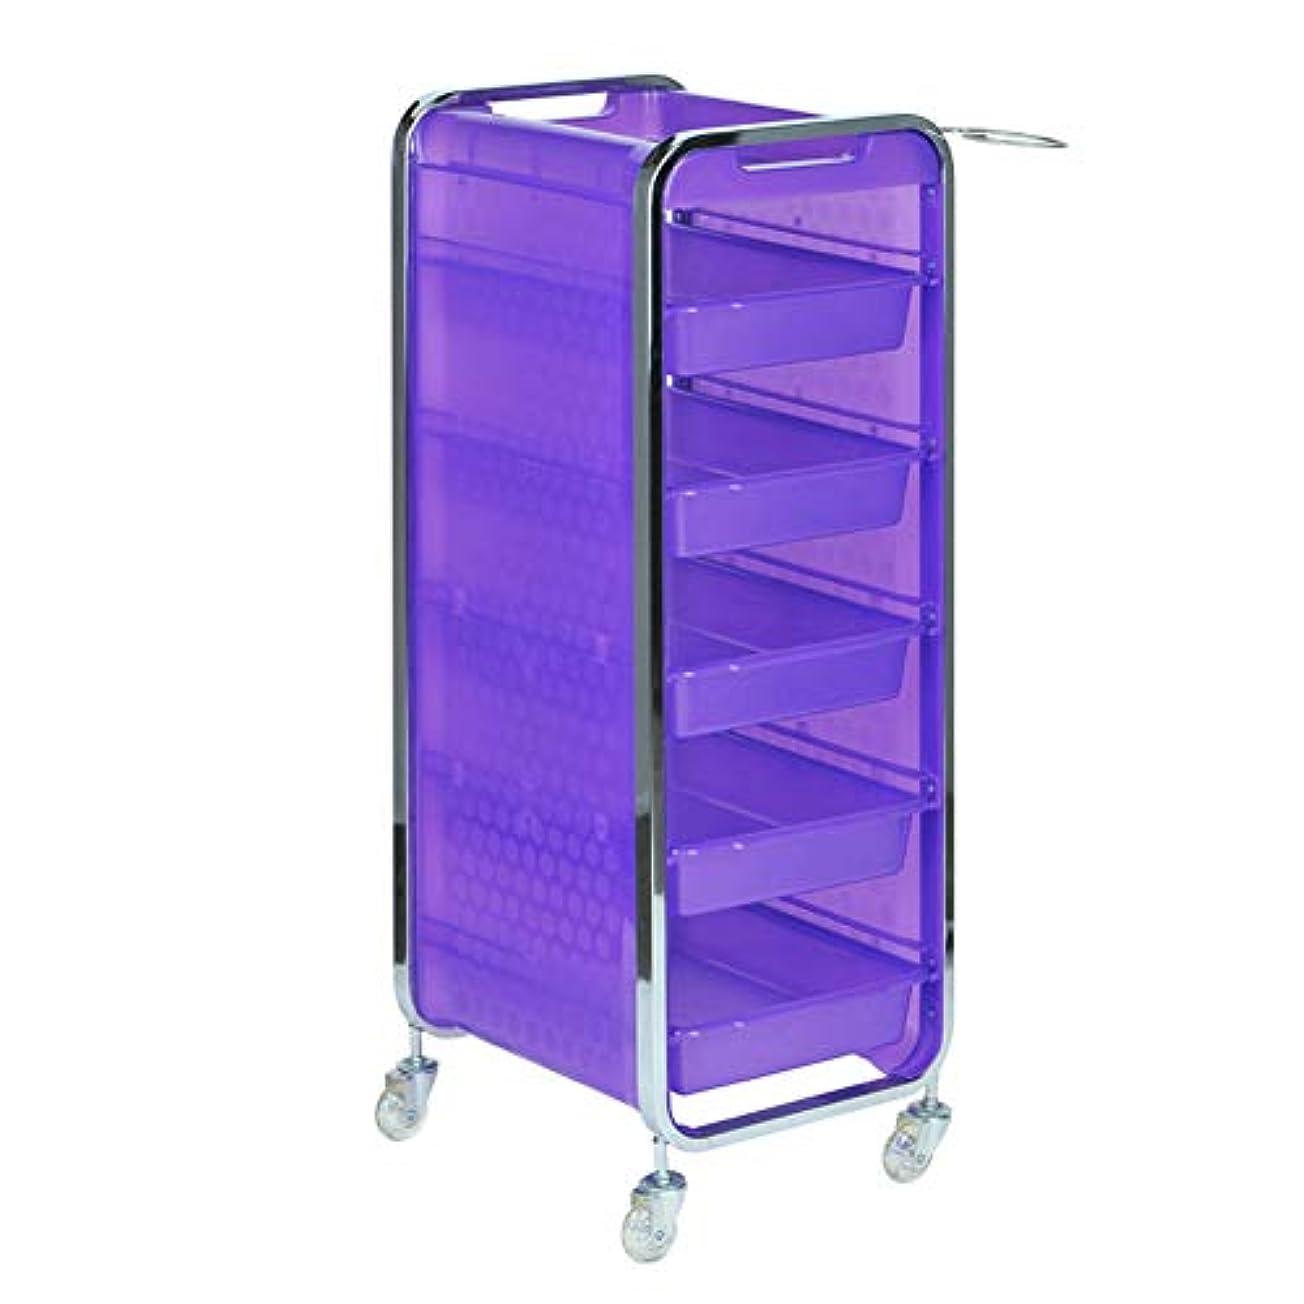 週間頑丈パブサロン美容院トロリー美容美容収納カート6層トレイ多機能引き出し虹色,Purple,A